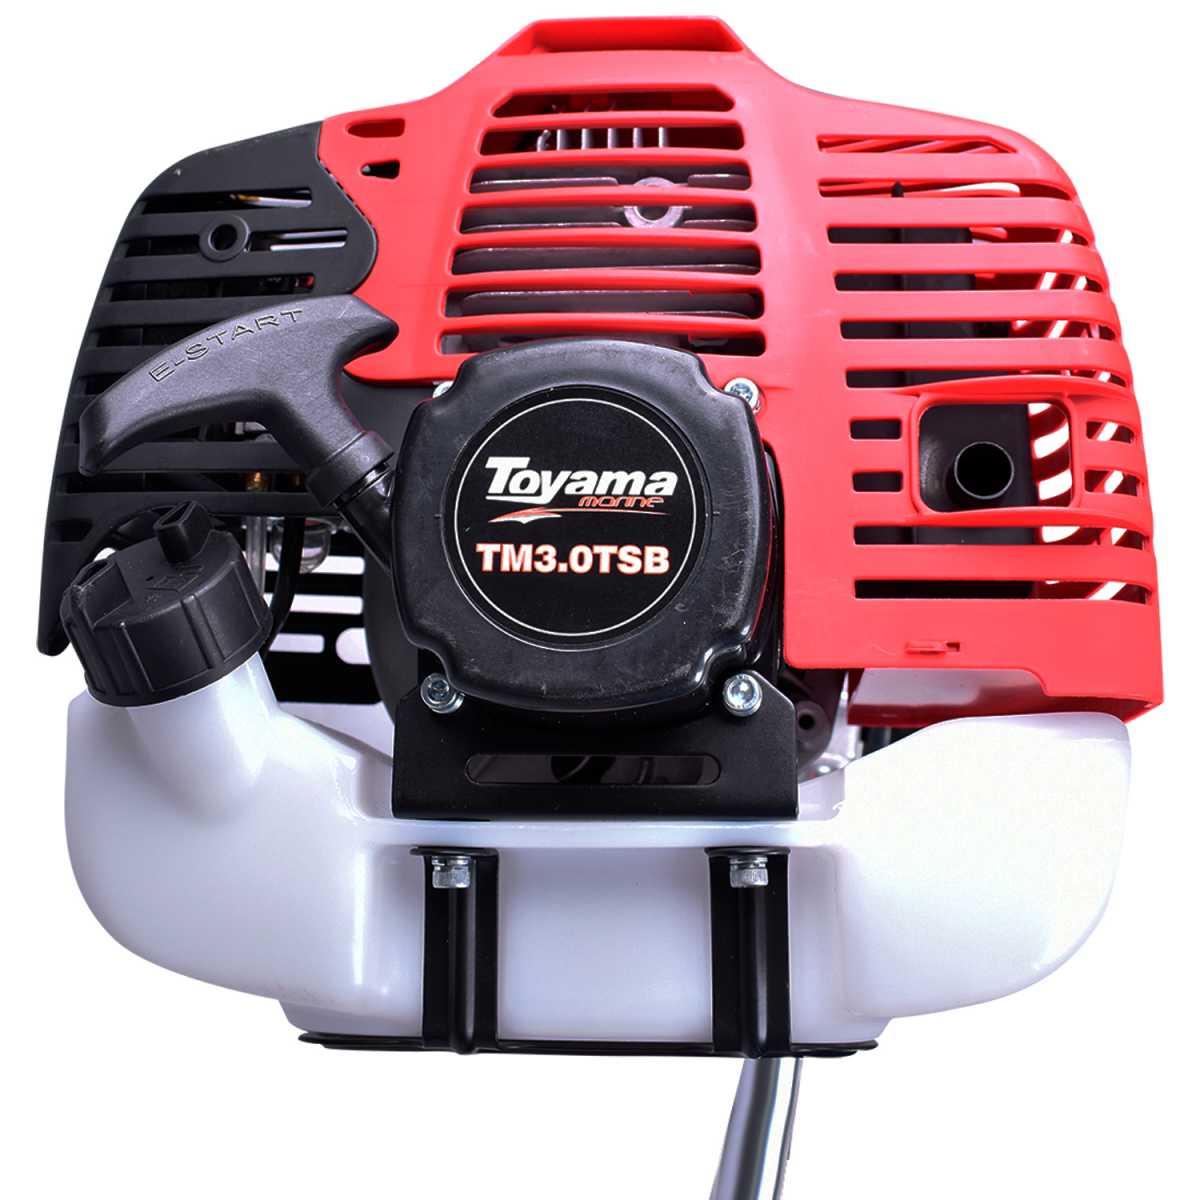 Motor De Popa Rabeta Vertical 3.0hp 60,2cc 2 Tempos Toyama